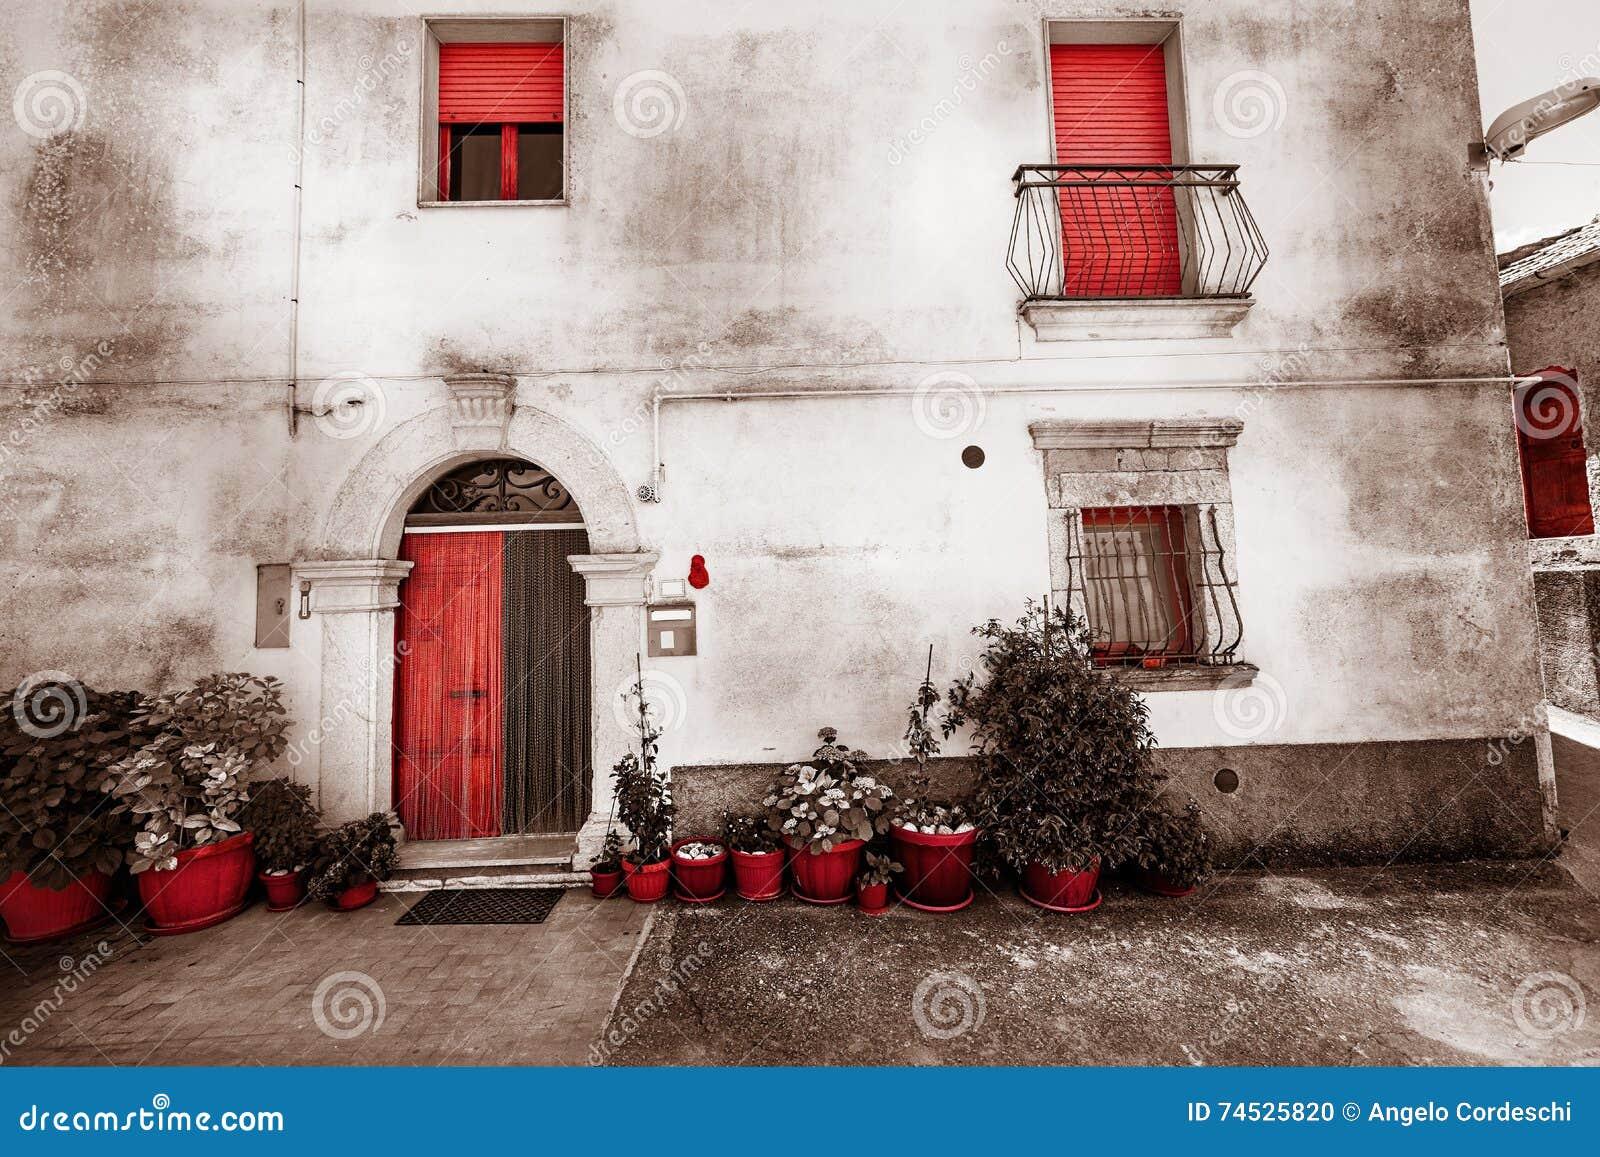 Fachada vieja de la casa color del vintage rojo aislado - La casa vintage ...